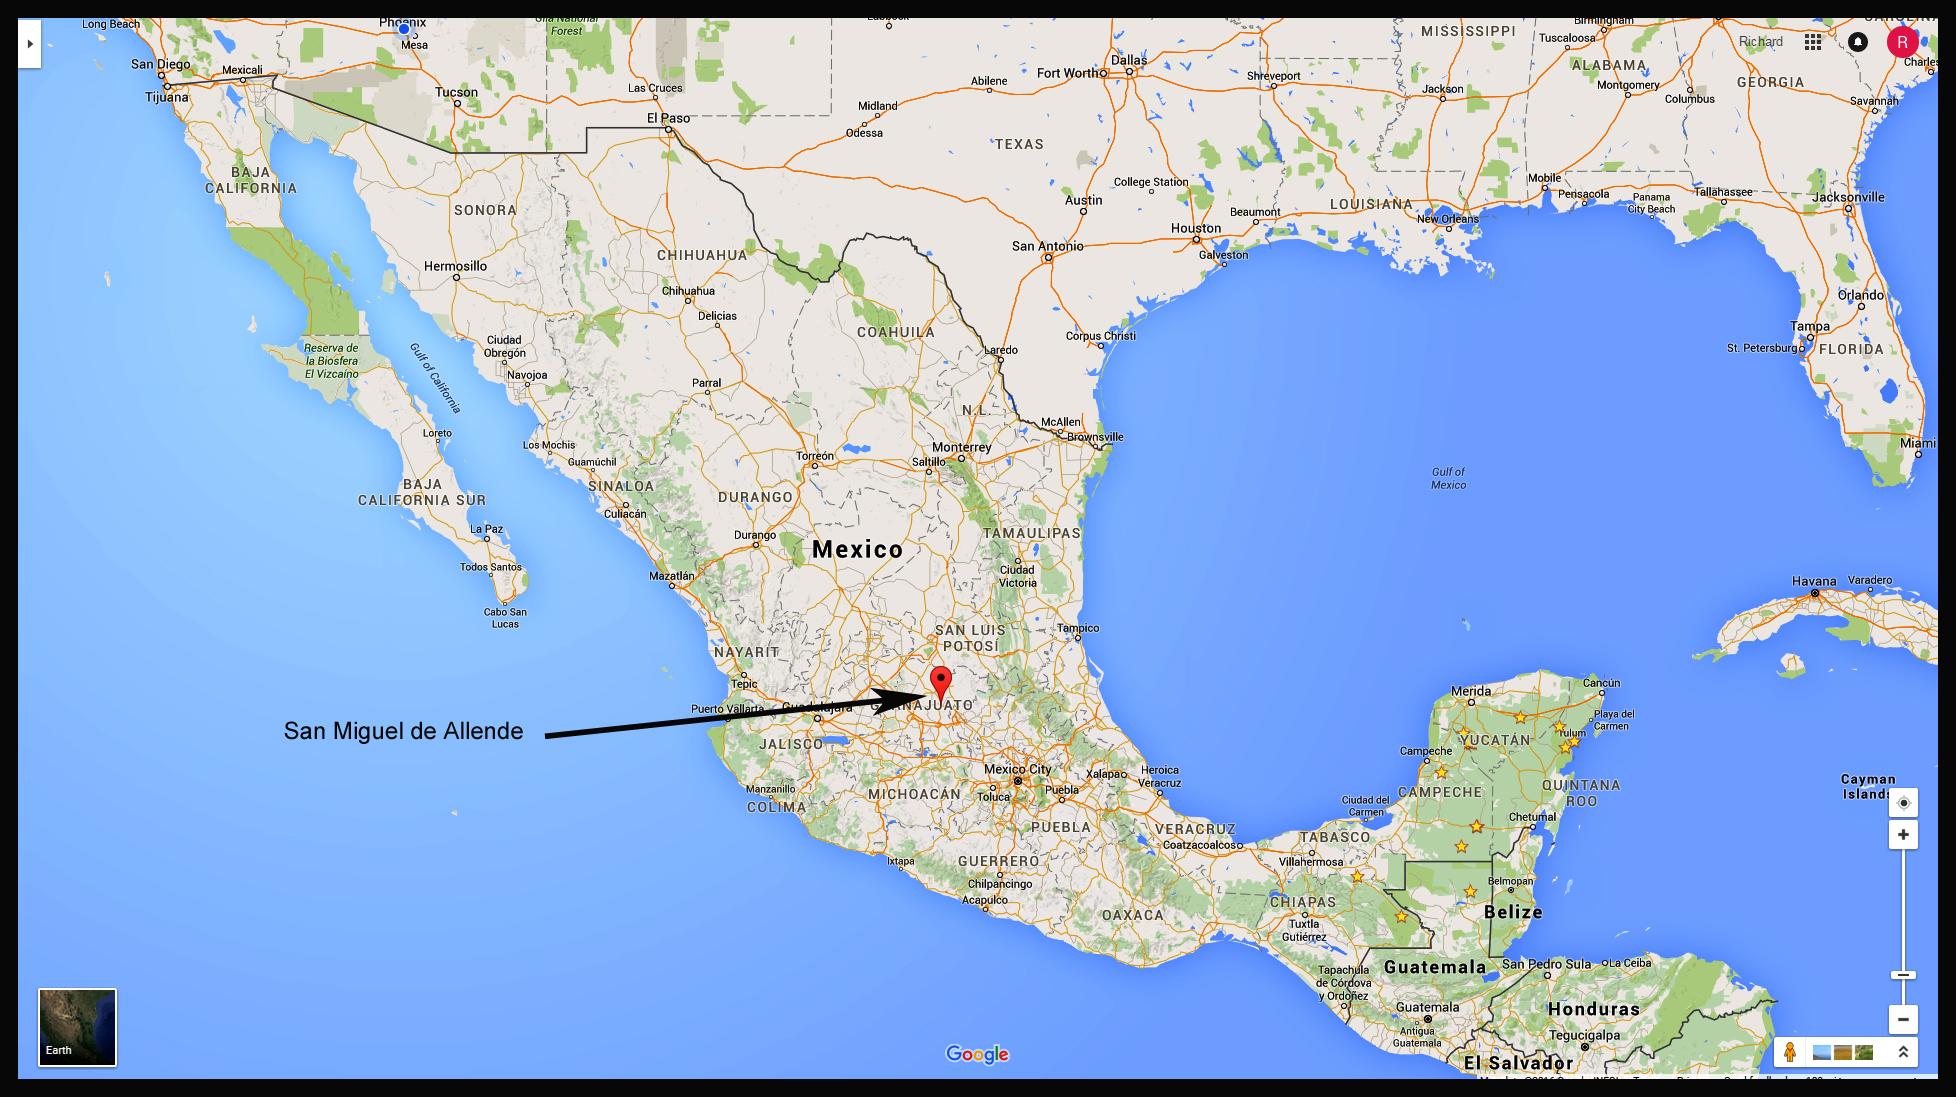 City Map Of Mexico Sa Miguel De Allende